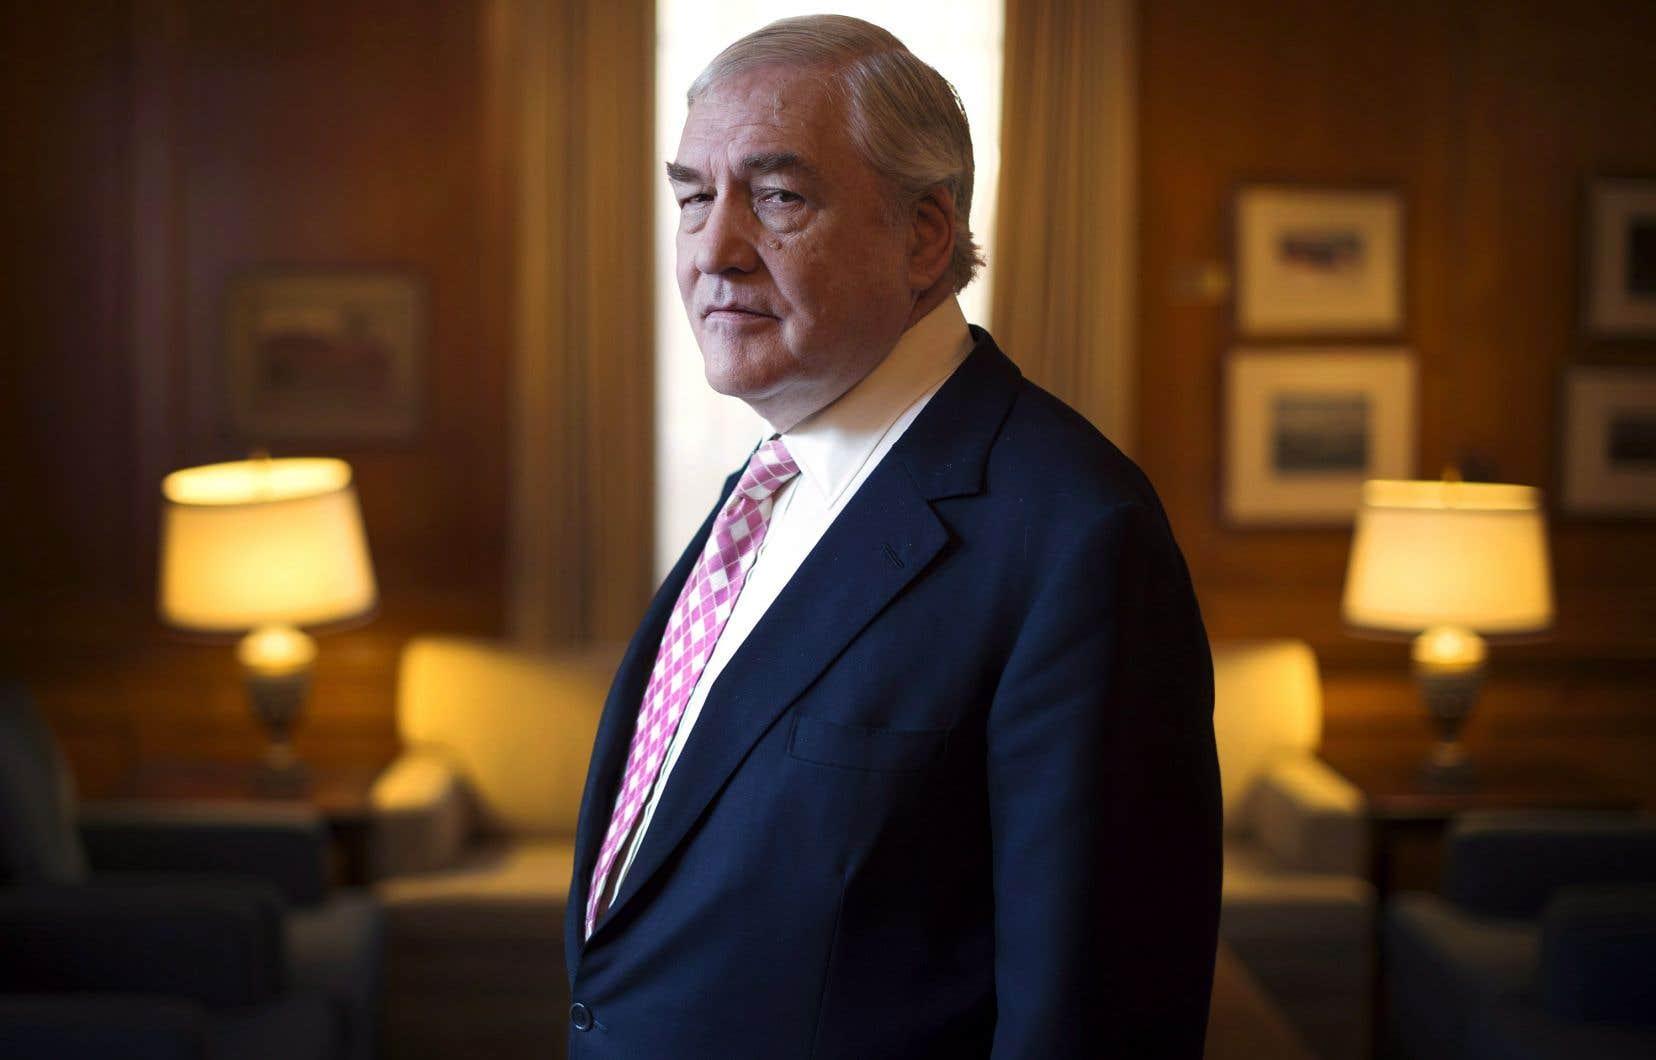 ConradBlack, 74ans, est également connu sous son titre de baron Black de Crossharbour.